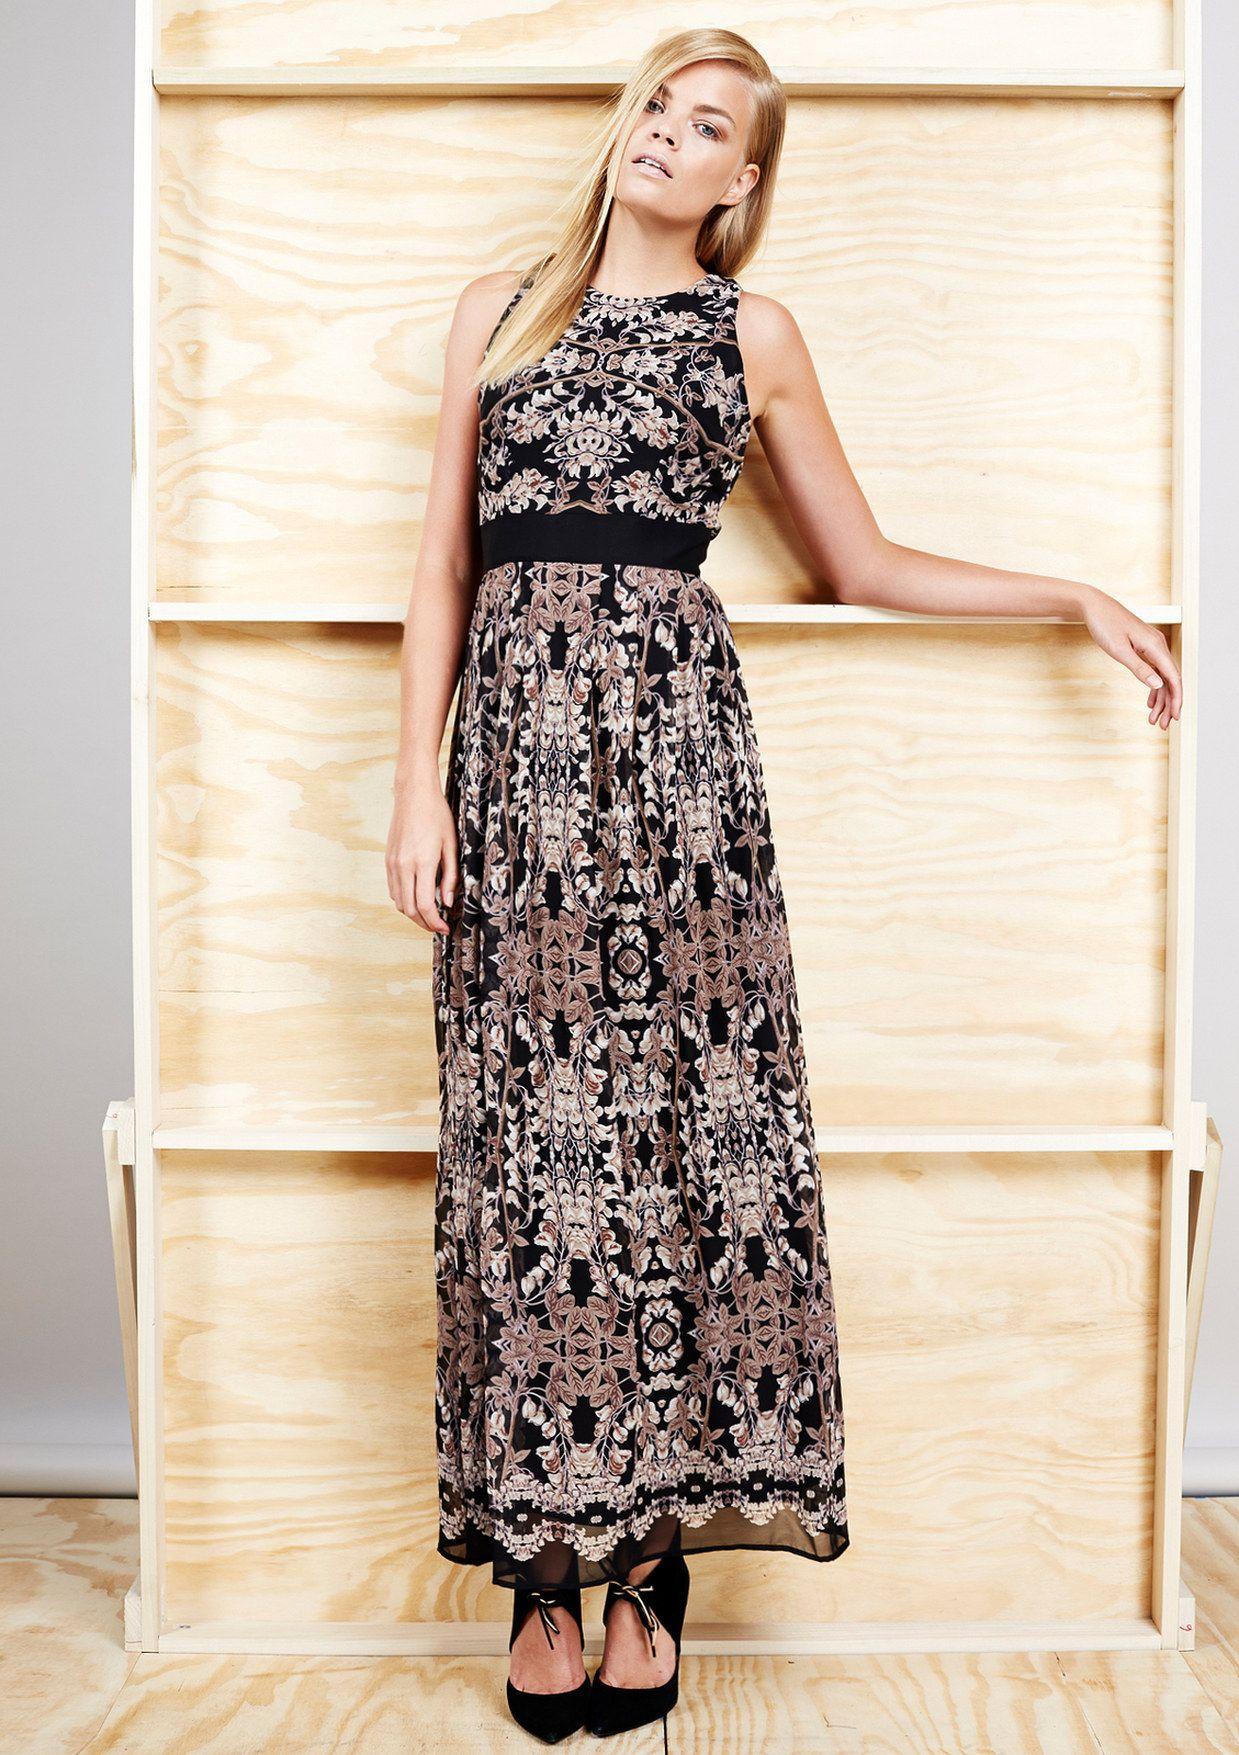 TAYLOR Sleeveless Maxi Dress $74.99